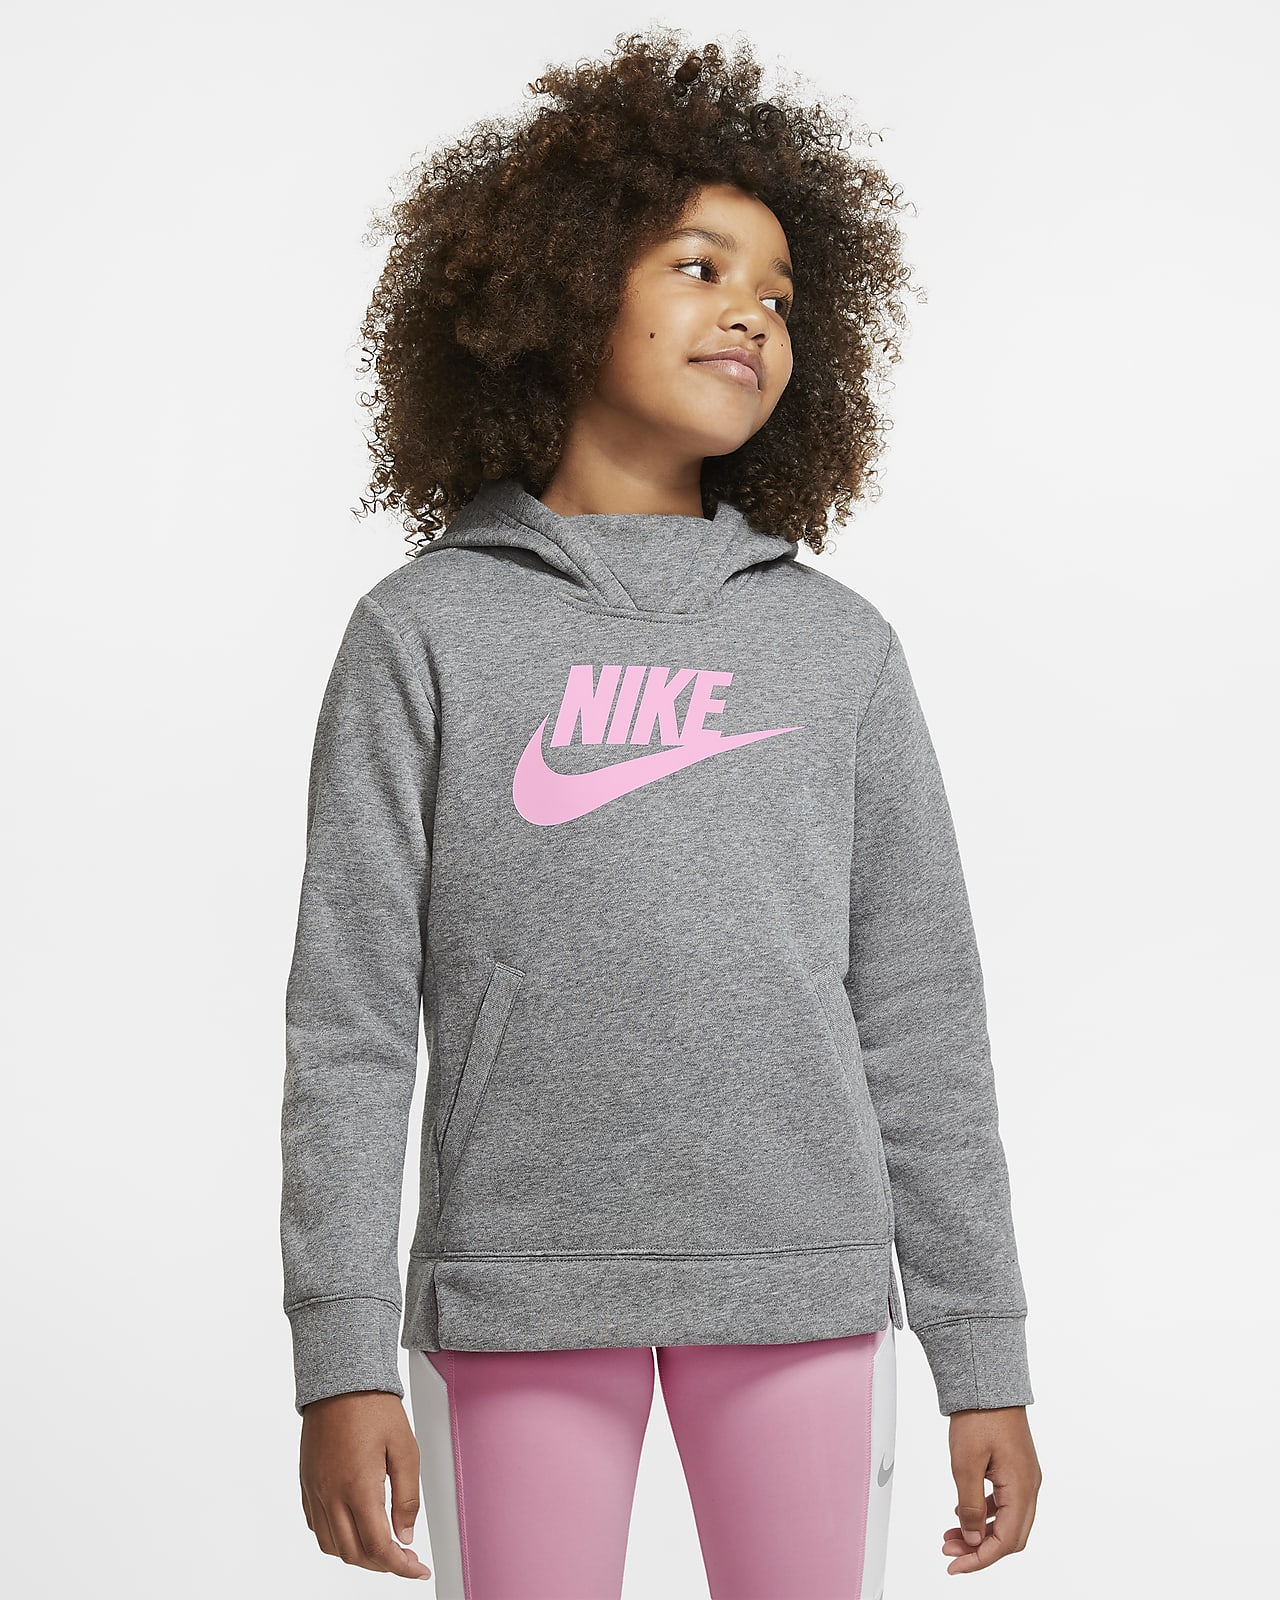 Felpa pullover con cappuccio Nike Sportswear - Bambina/Ragazza